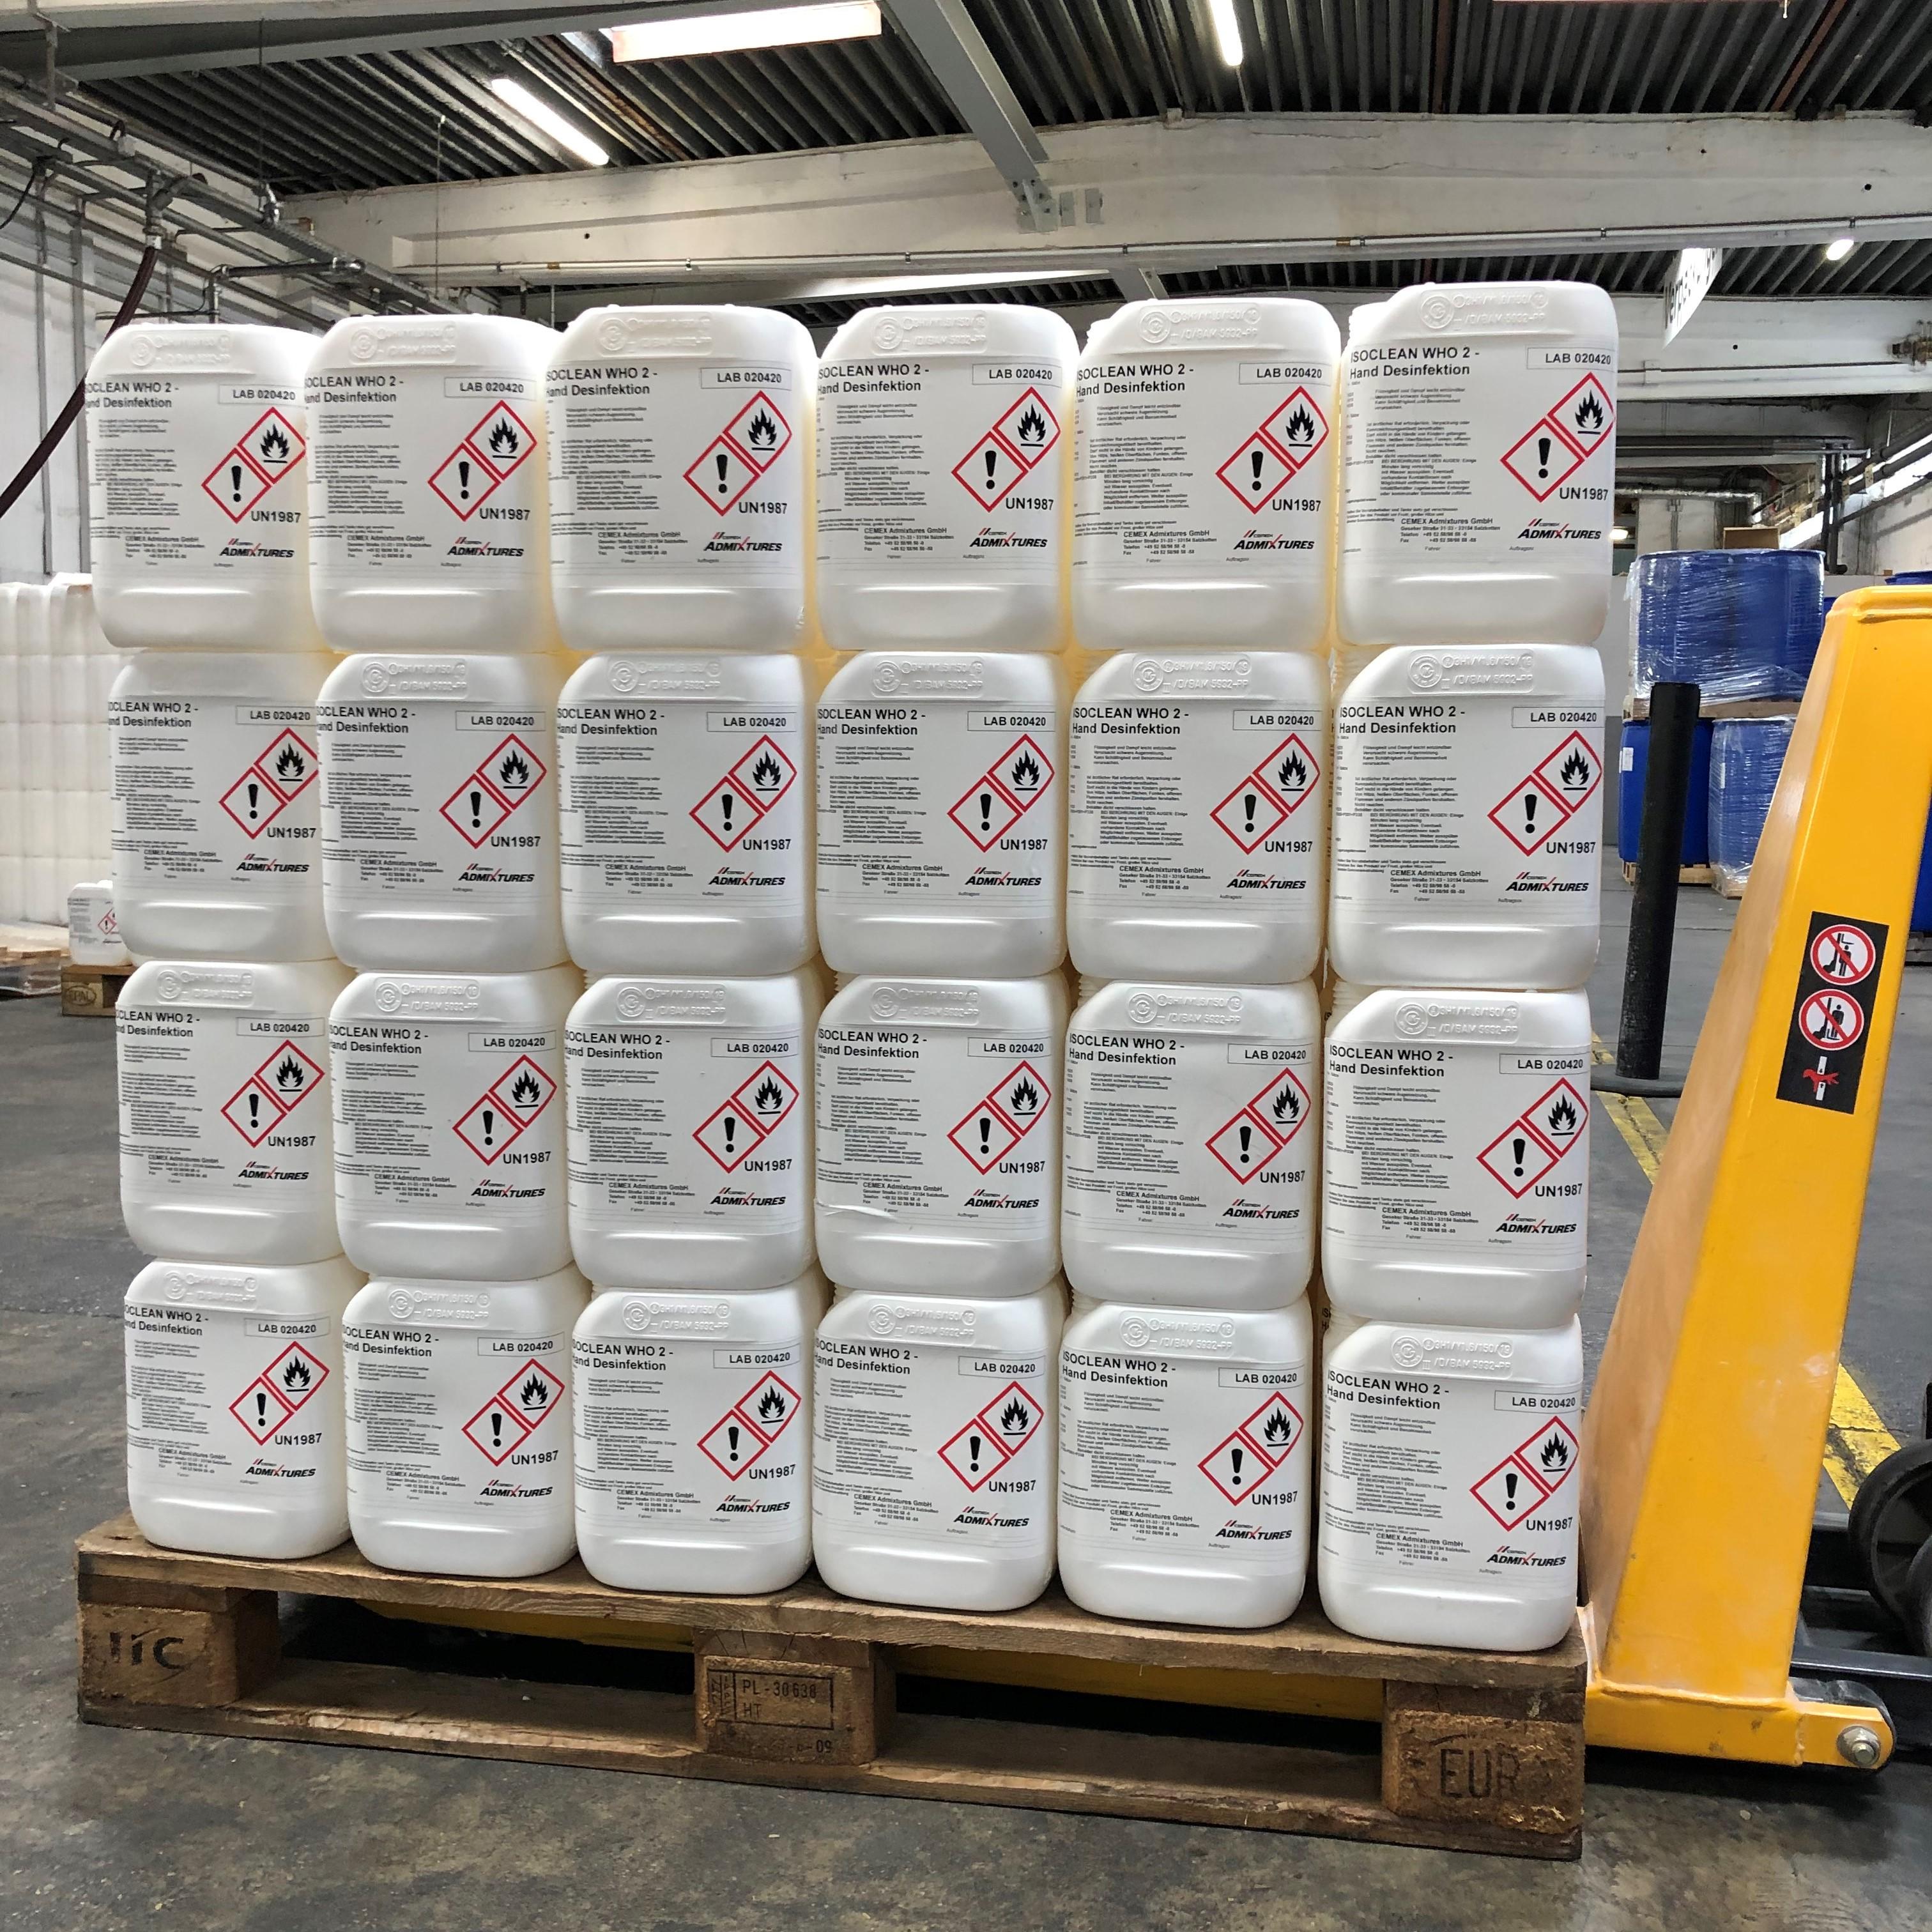 Das Desinfektionsmittel wird in 5-Liter-Behältern zusammen mit einer Gebrauchsanweisung und Sicherheitshinweisen geliefer